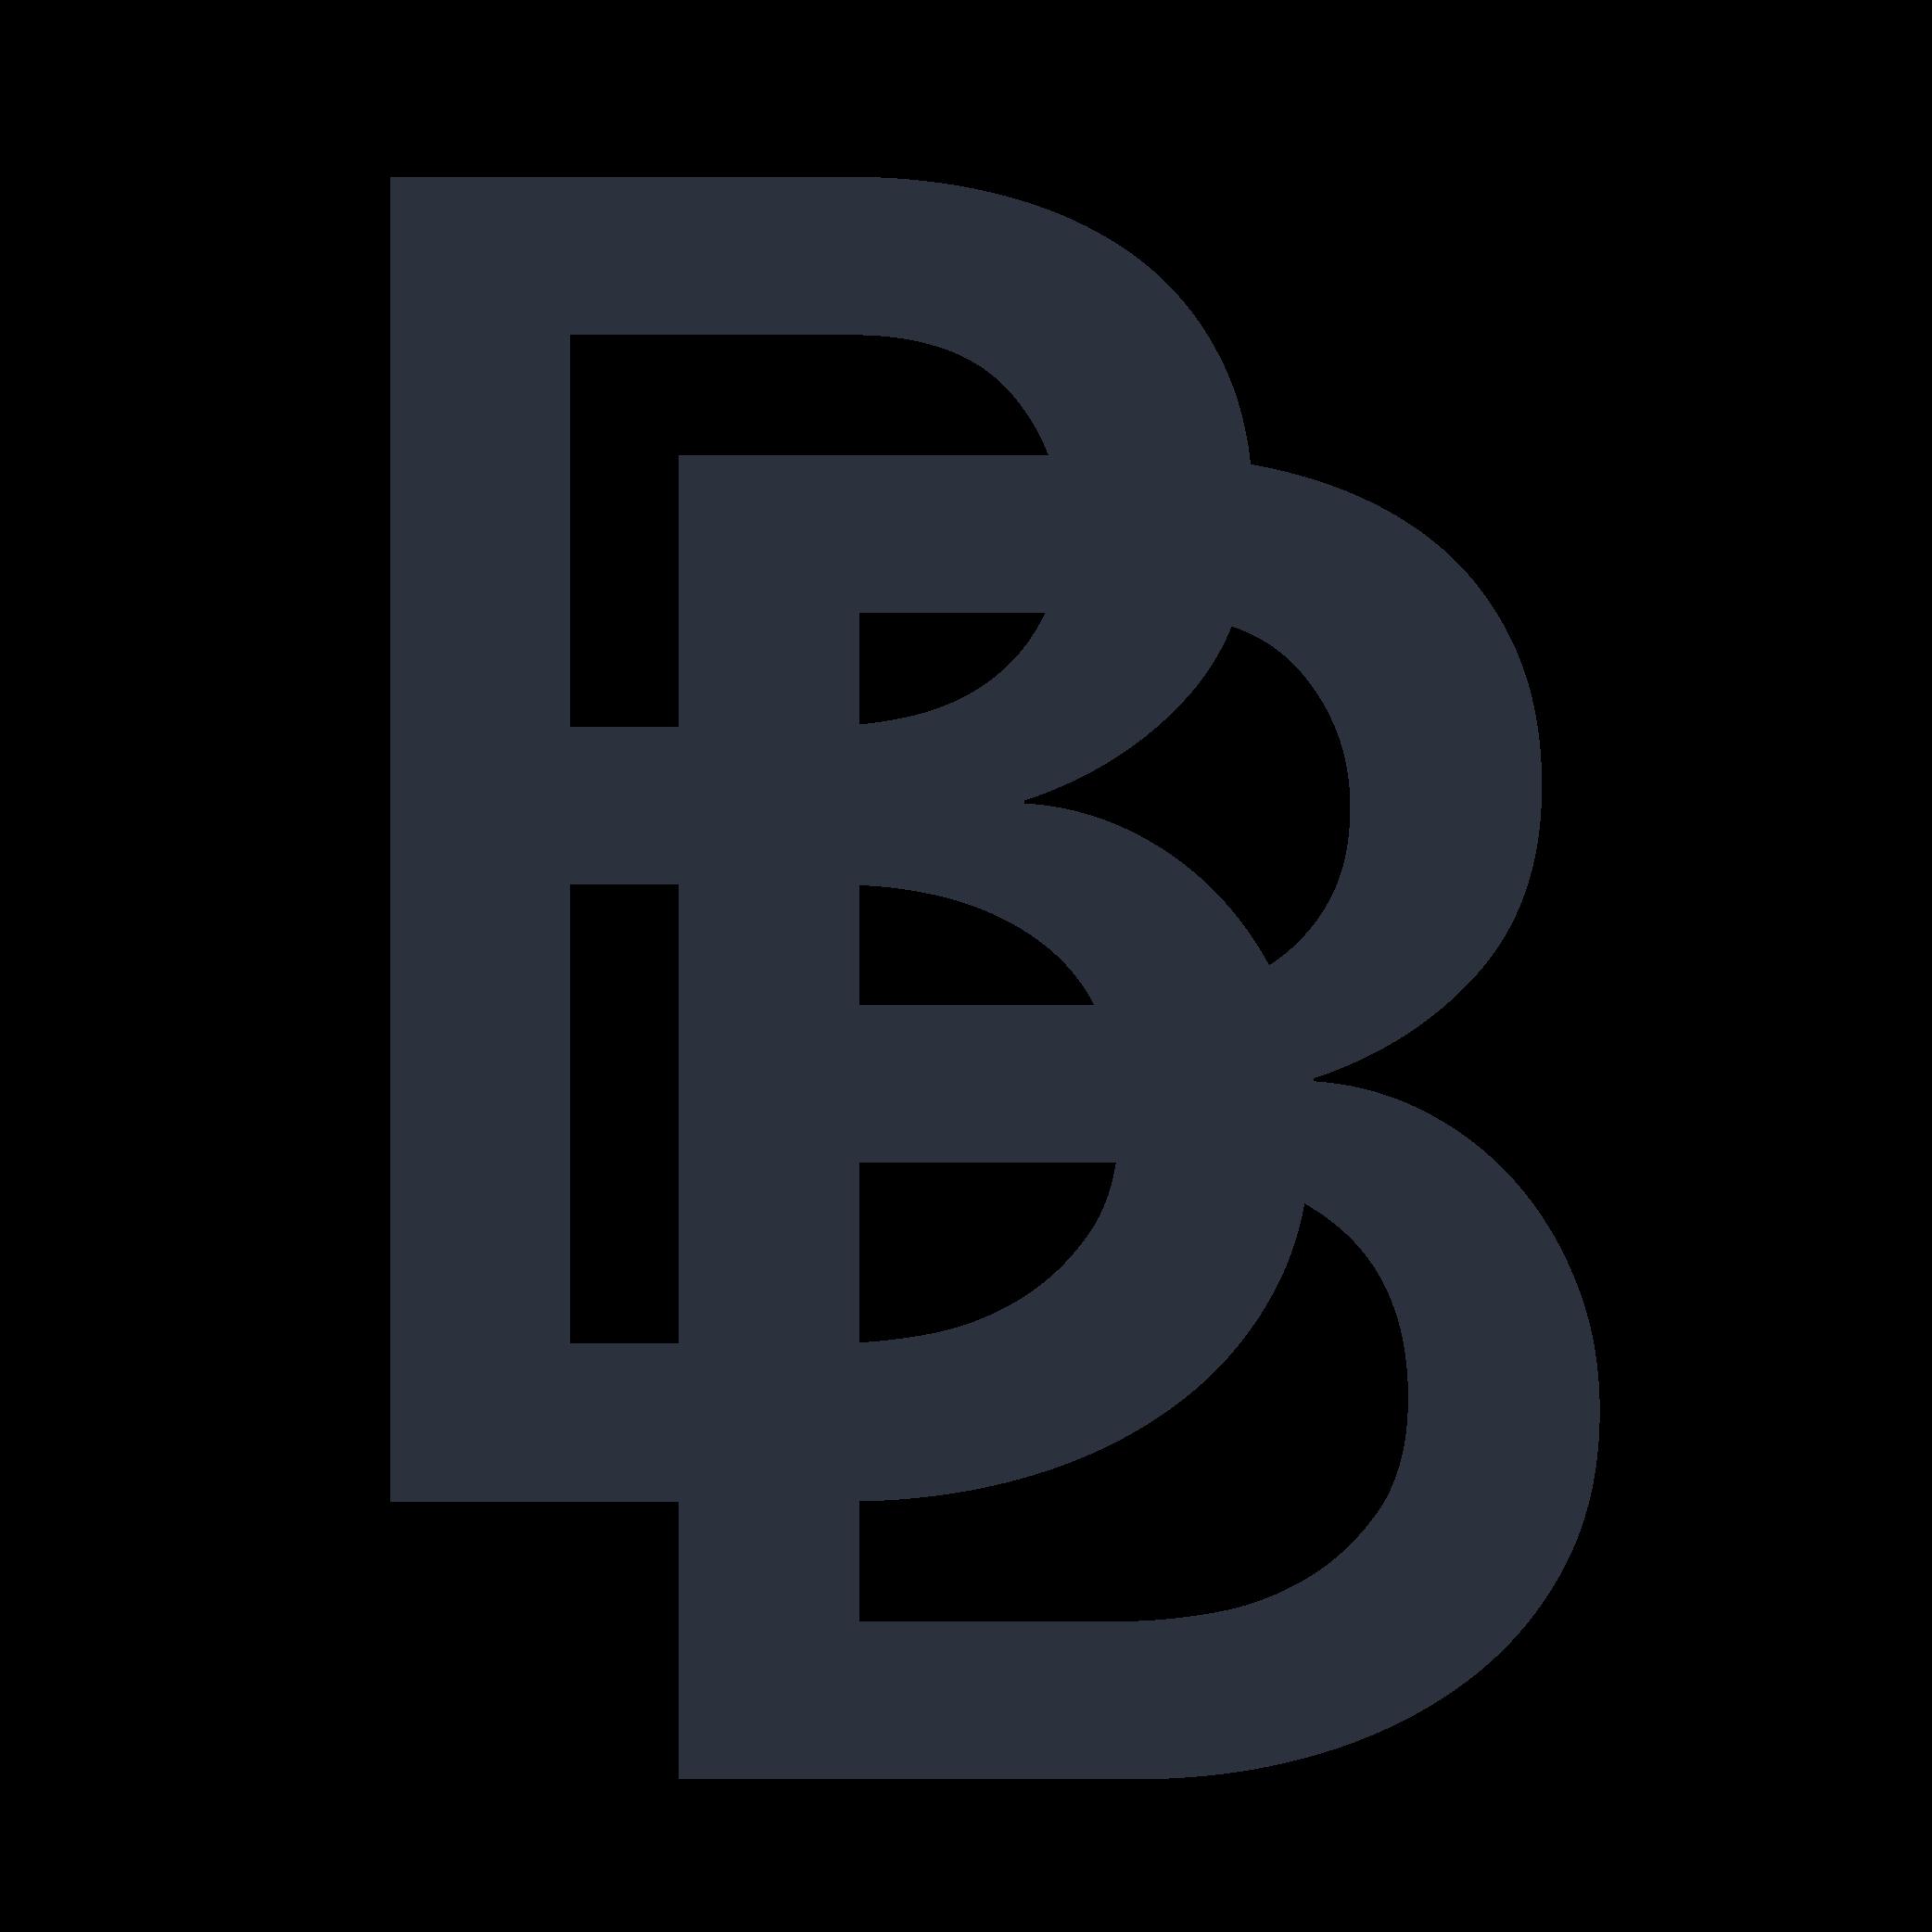 trans big logo